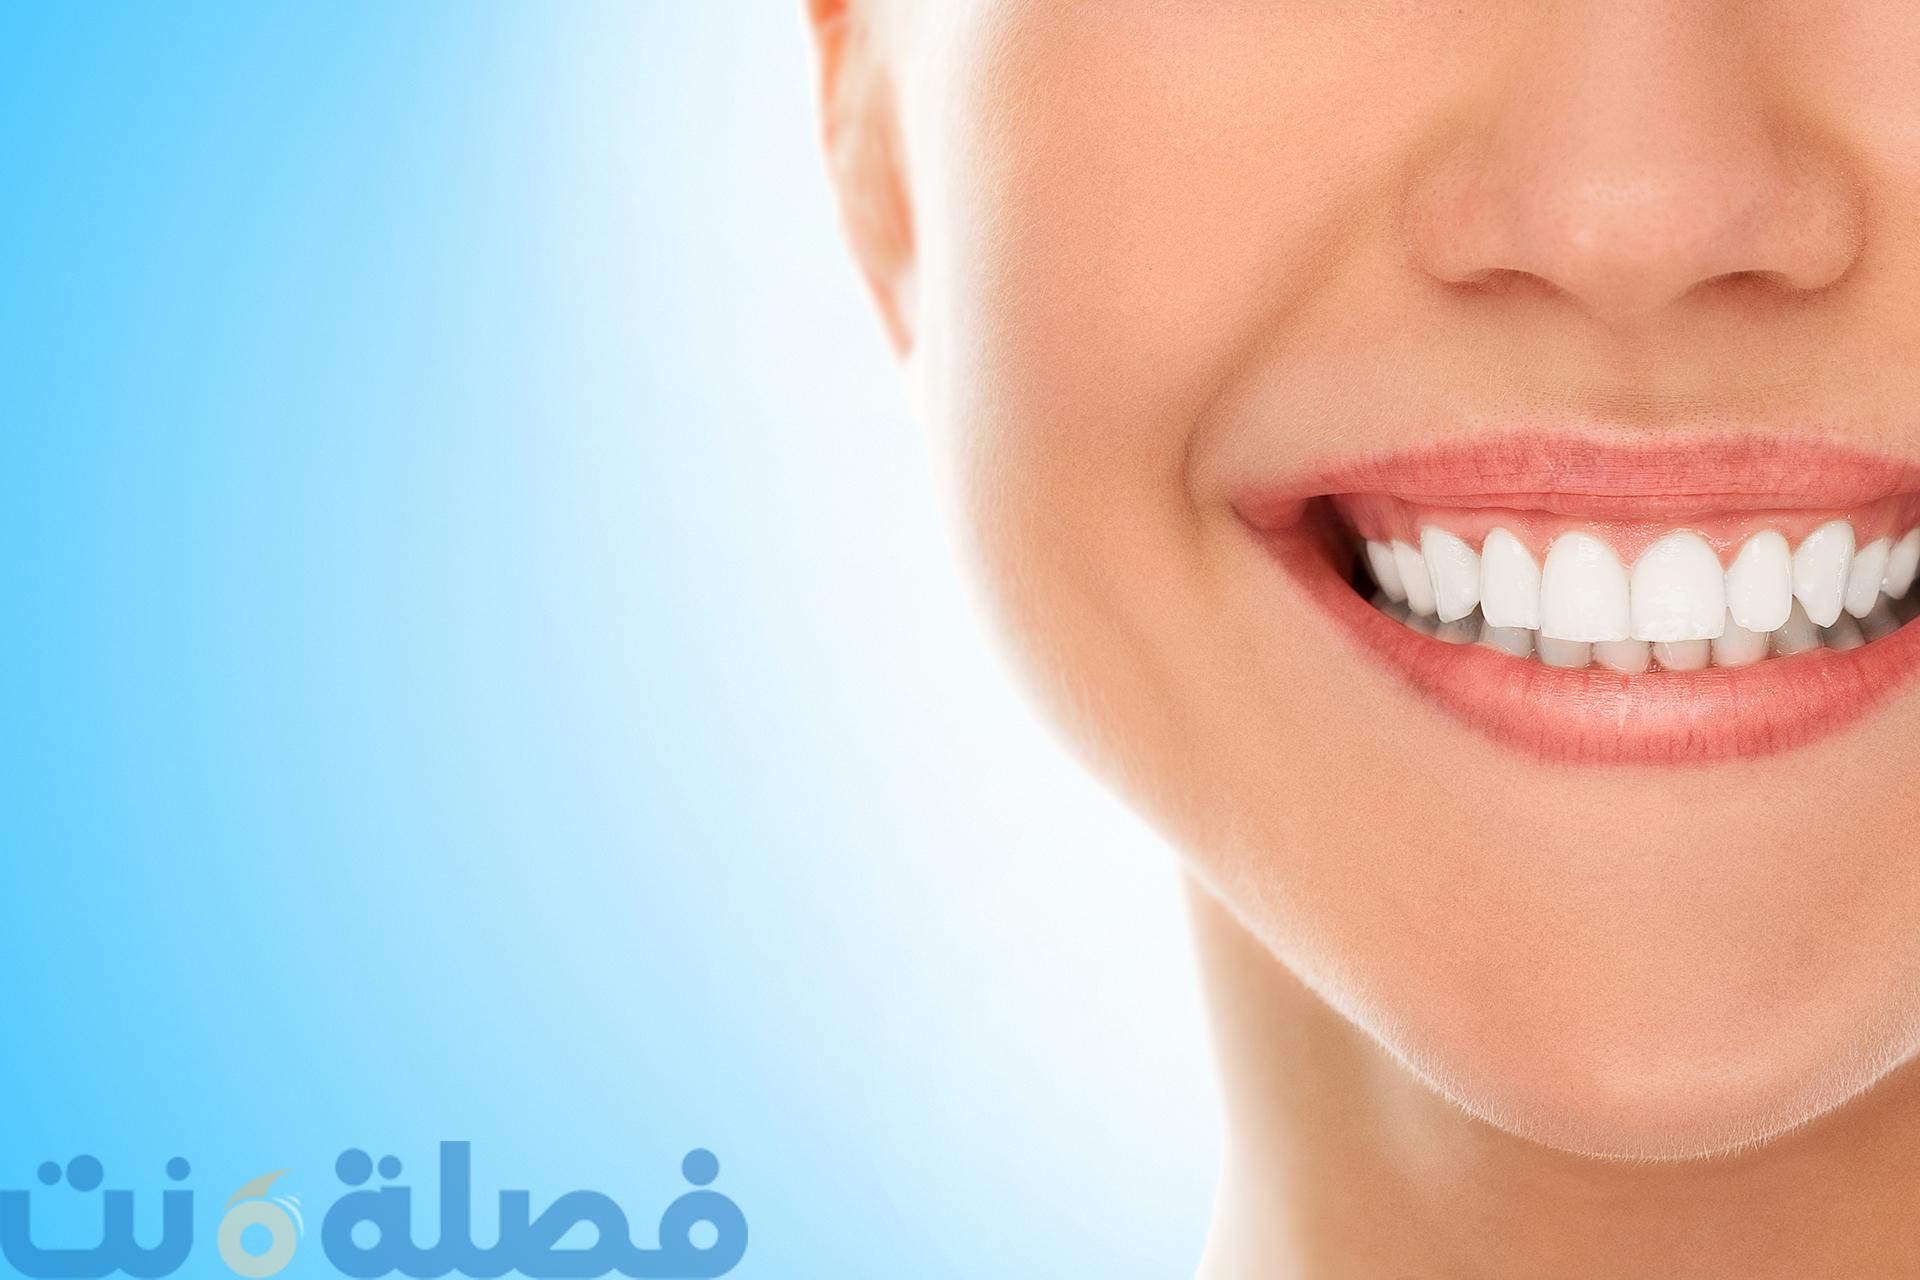 طريقة تبيض الاسنان,كيفية تبيض الاسنان,وصفة لتبيض الاسنان,تبيض الاسنان باليزر,تبيض الاسنان بي المنزل,موثع بداية جديدة